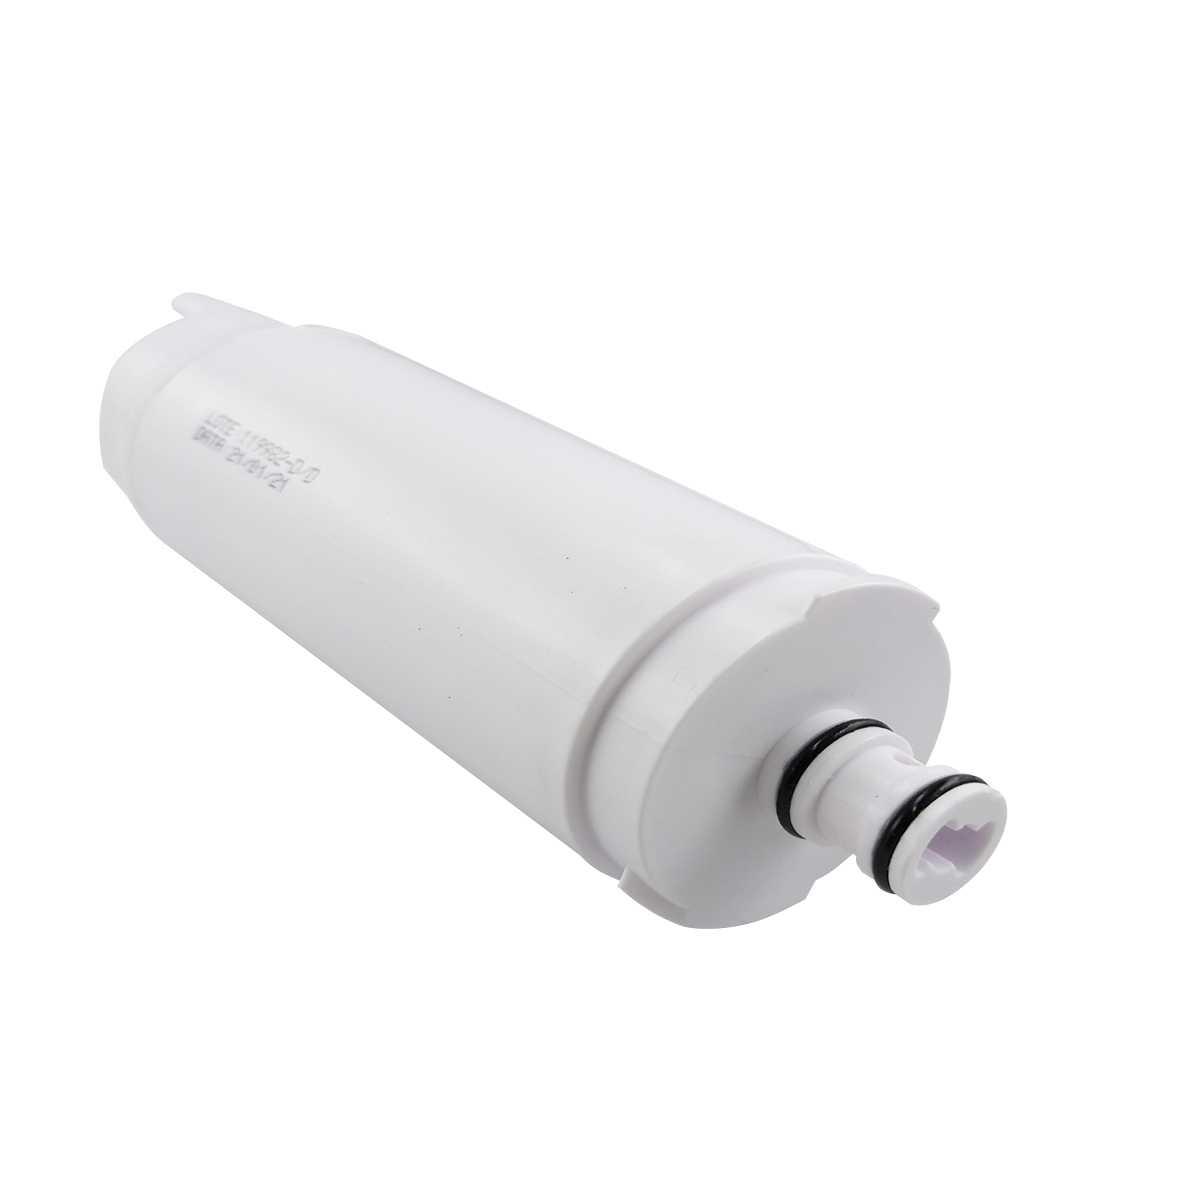 Refil filtro agua purificador ibbl (E3 compacto)